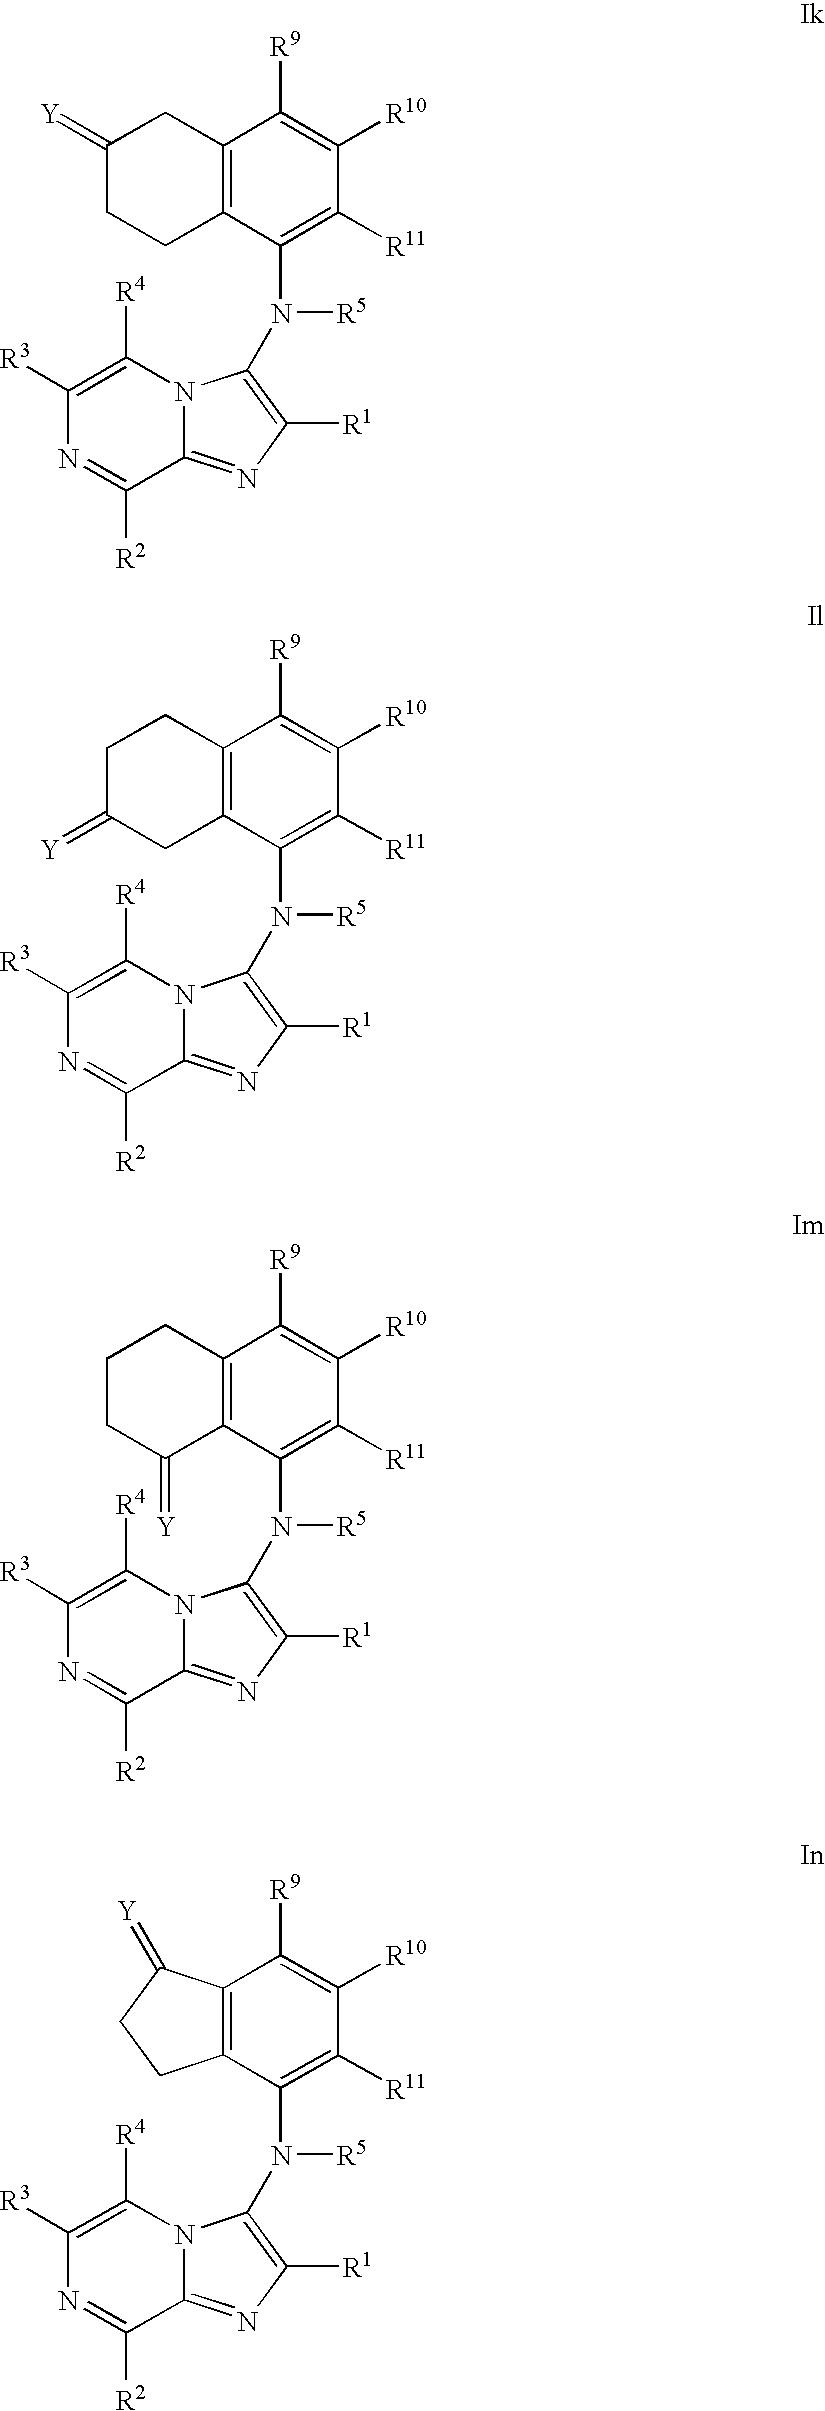 Figure US07566716-20090728-C00009